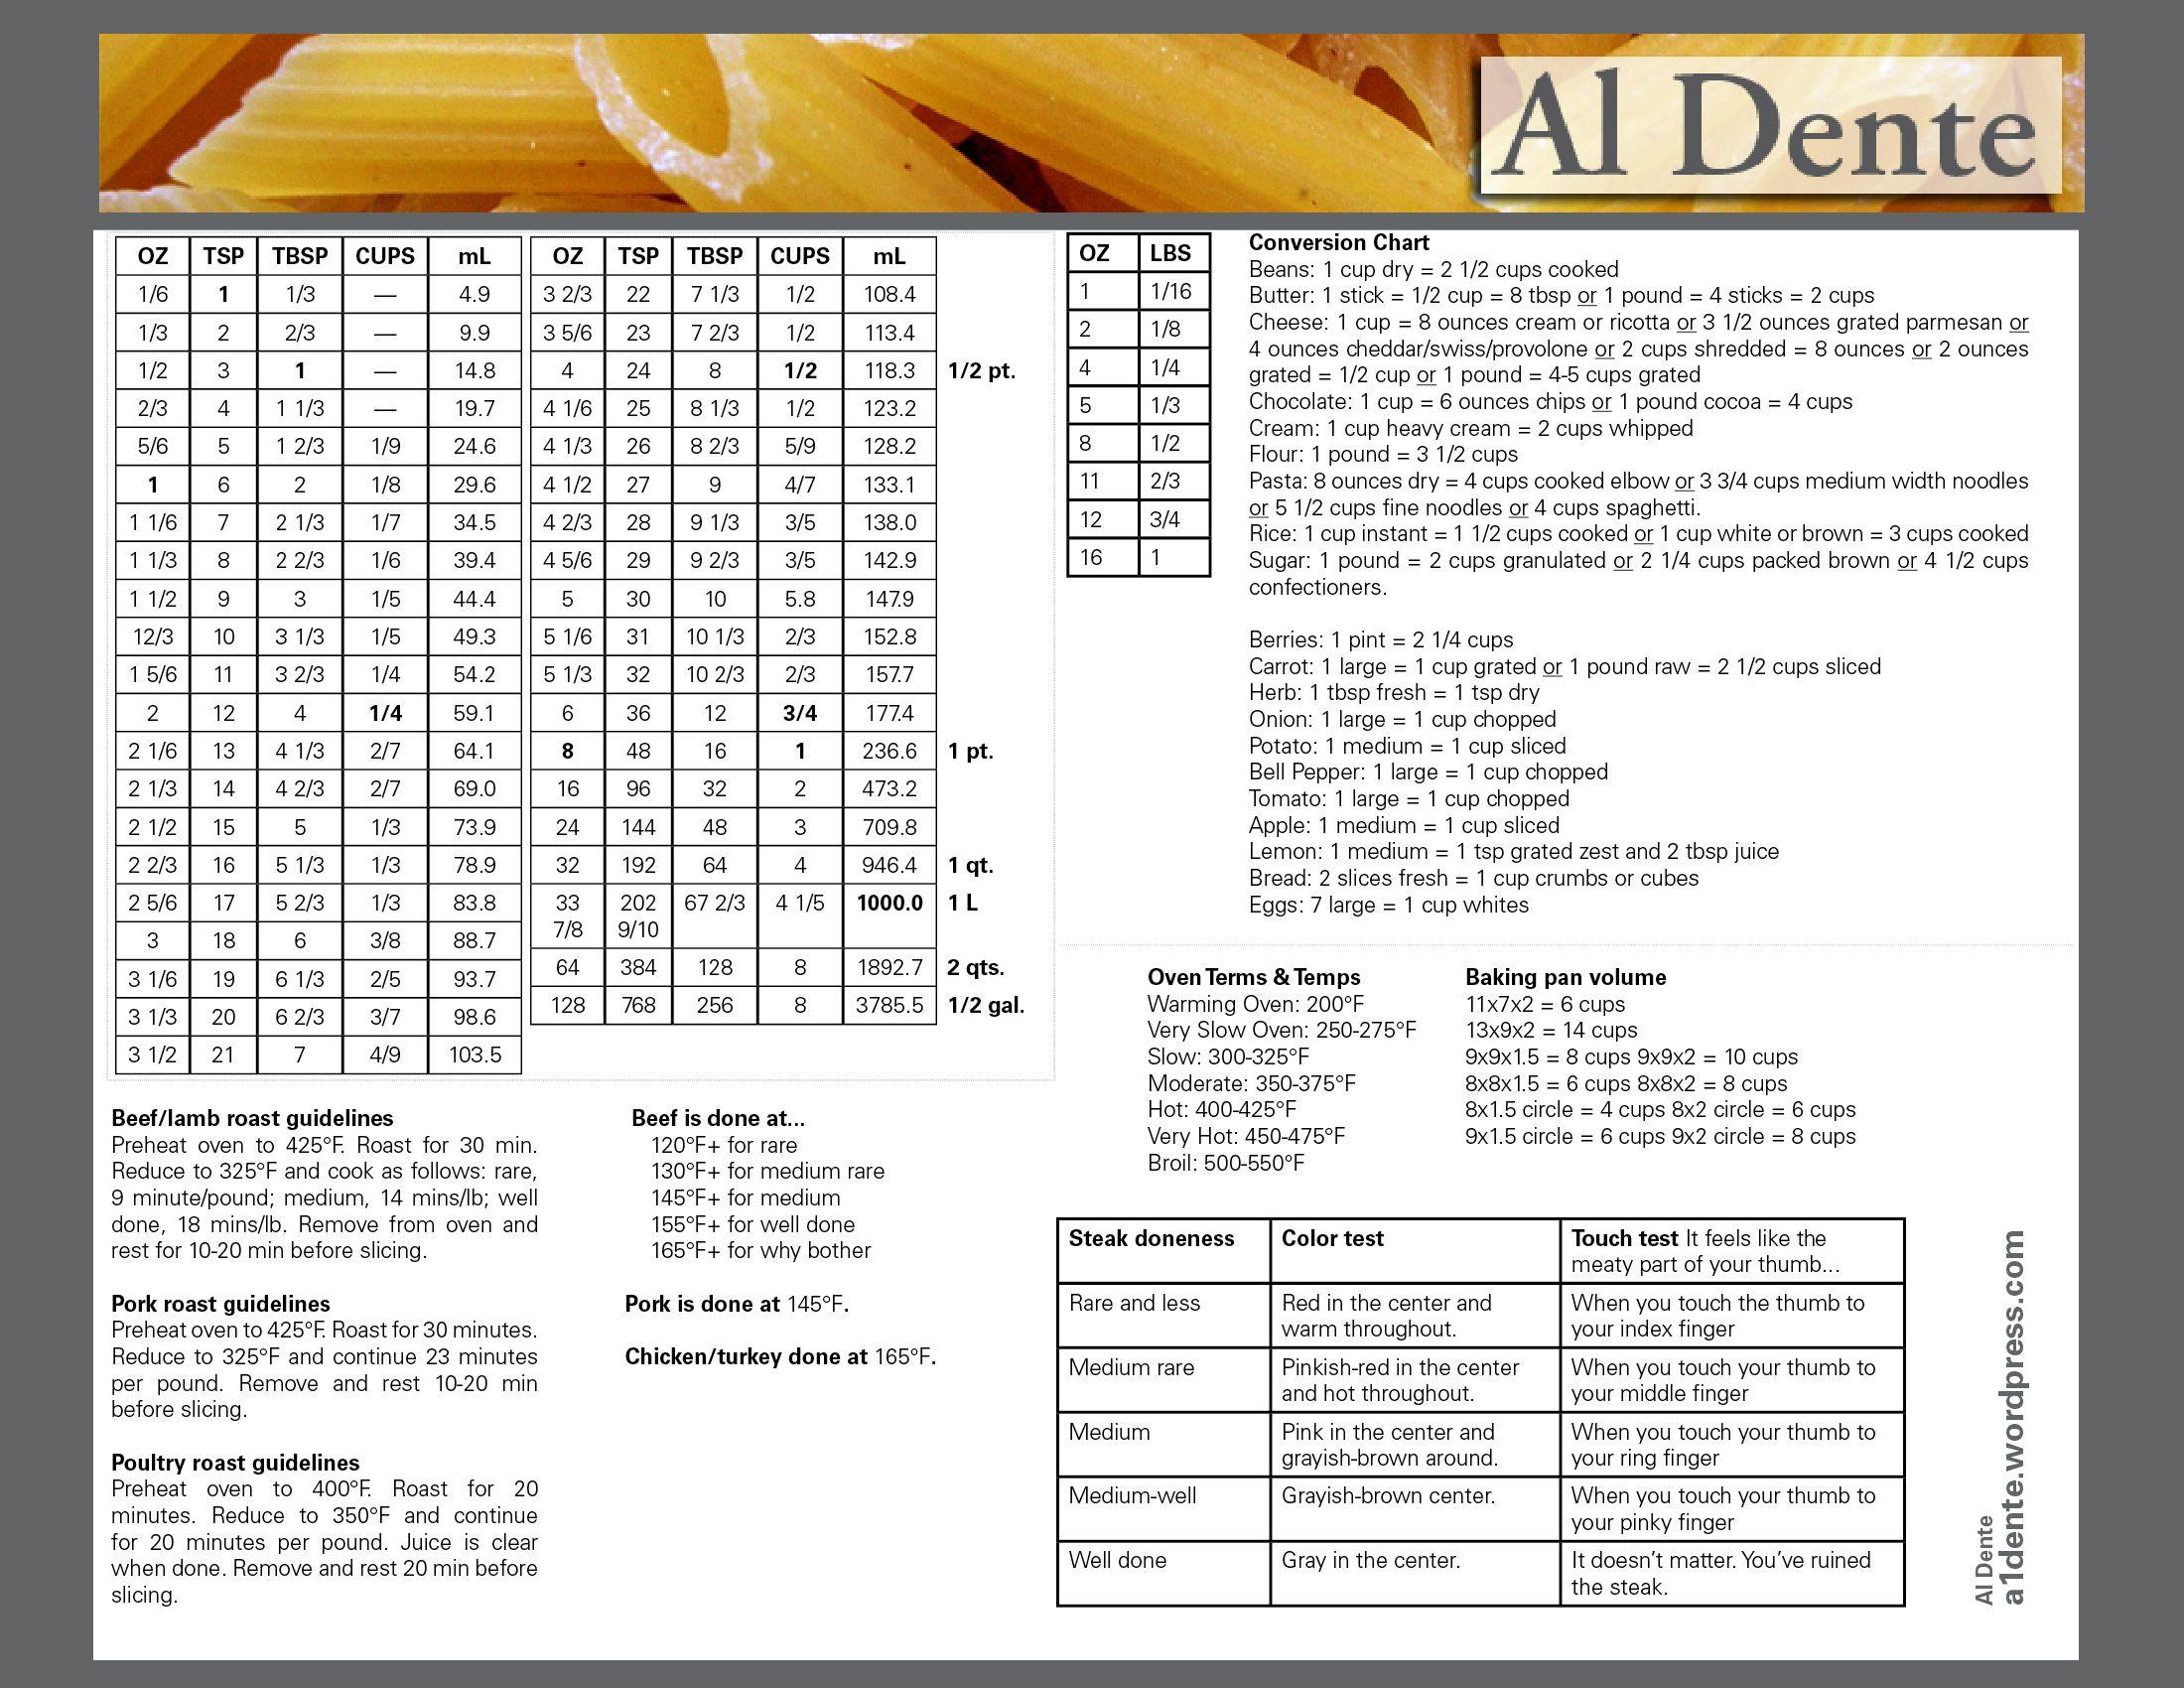 Al dente conversion chart measurement conversion cooking cooking measurements conversion chart conversion chart nvjuhfo Images